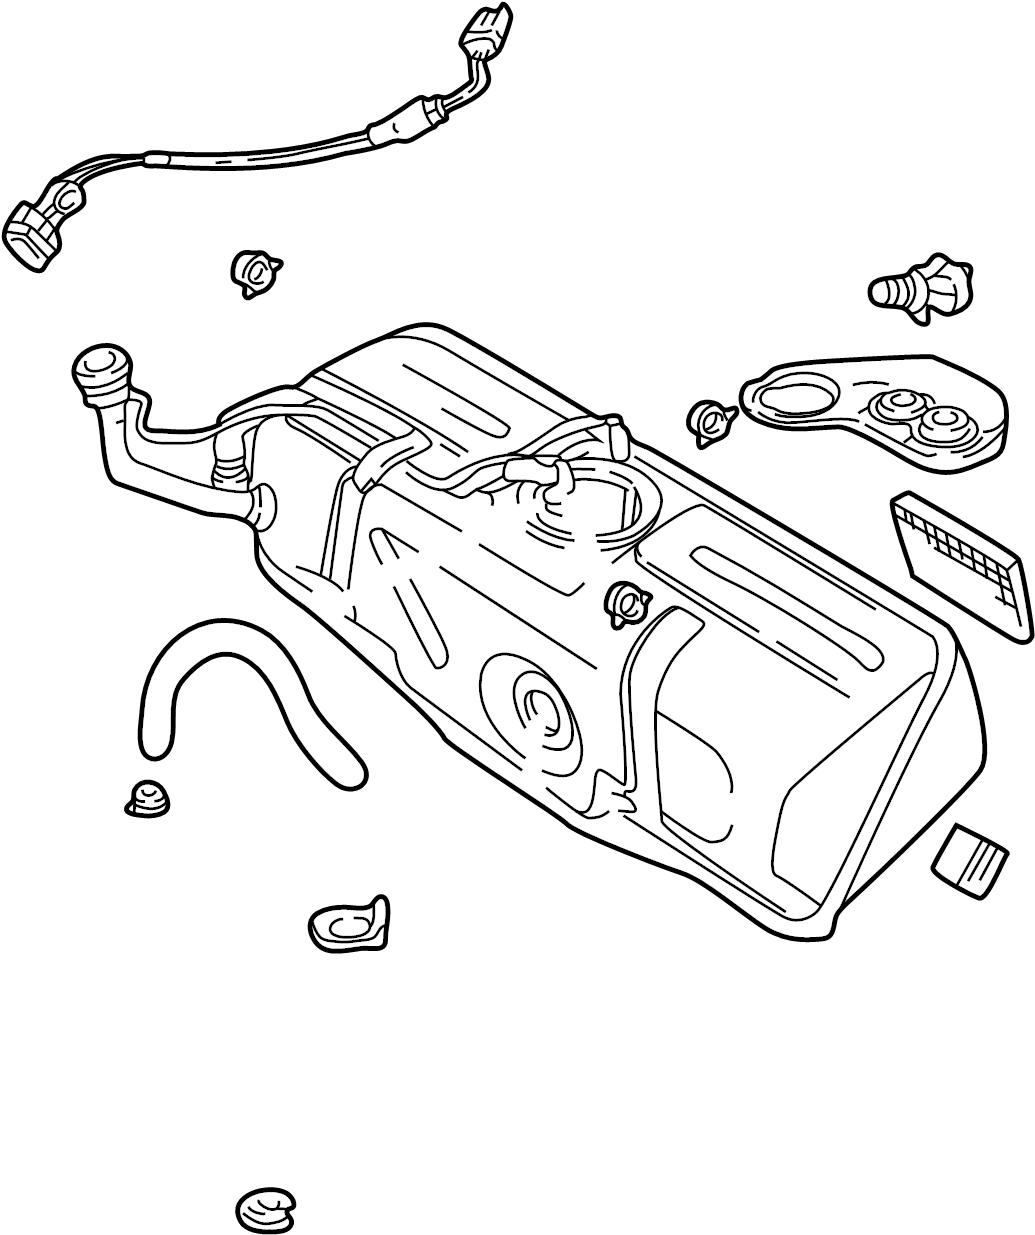 Jaguar Xj8 Fuel Tank Assembly Tank